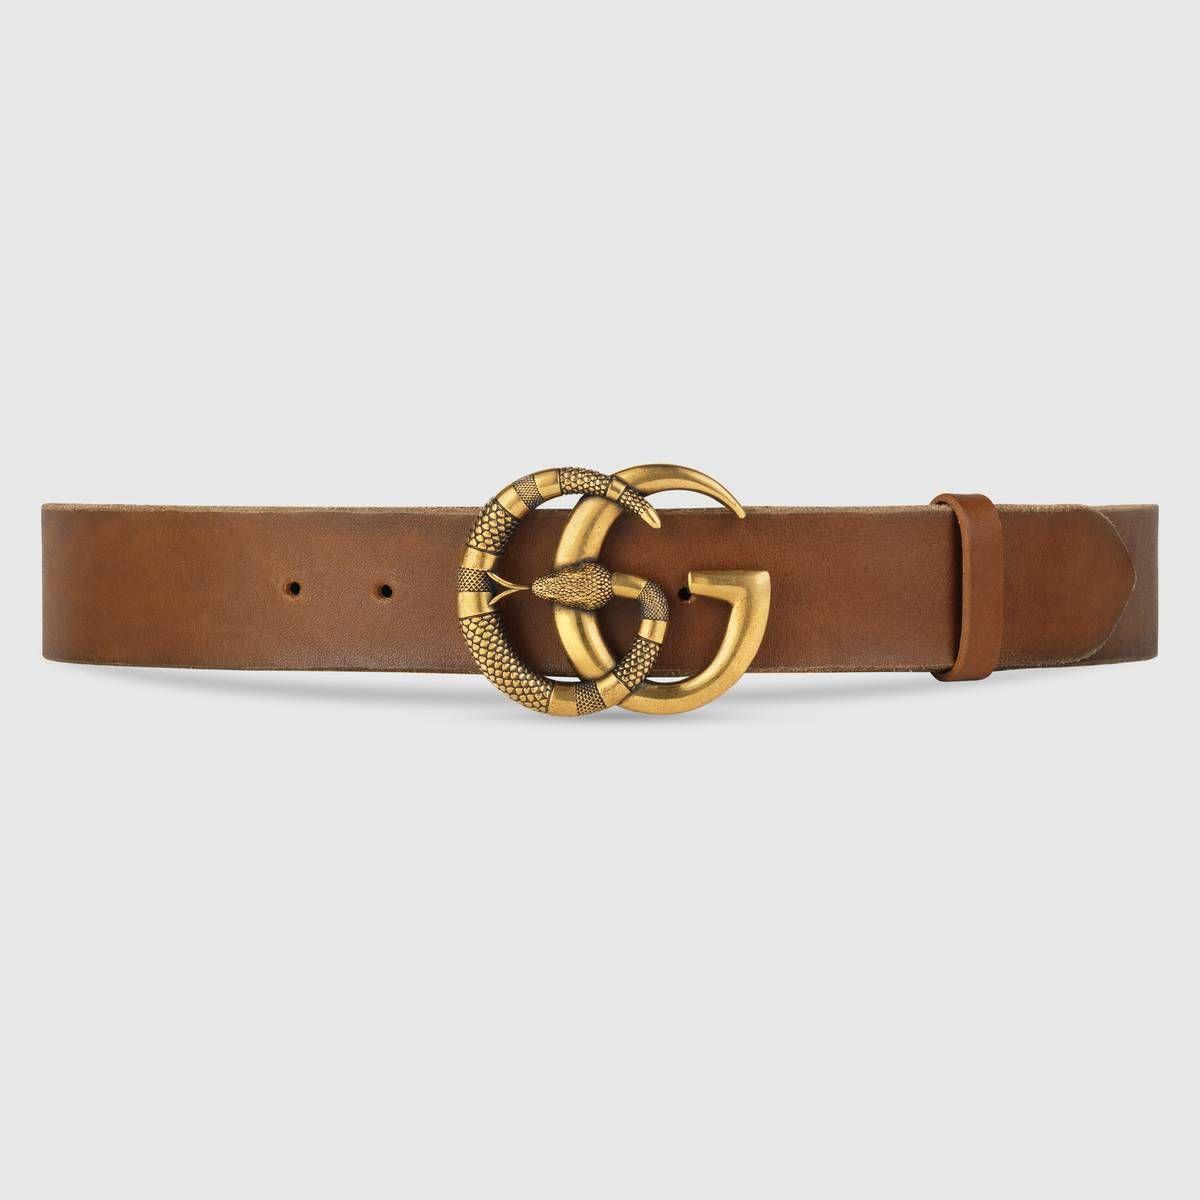 Ceinture en cuir à boucle double G avec serpent   ceintures ... 2f828969a6c